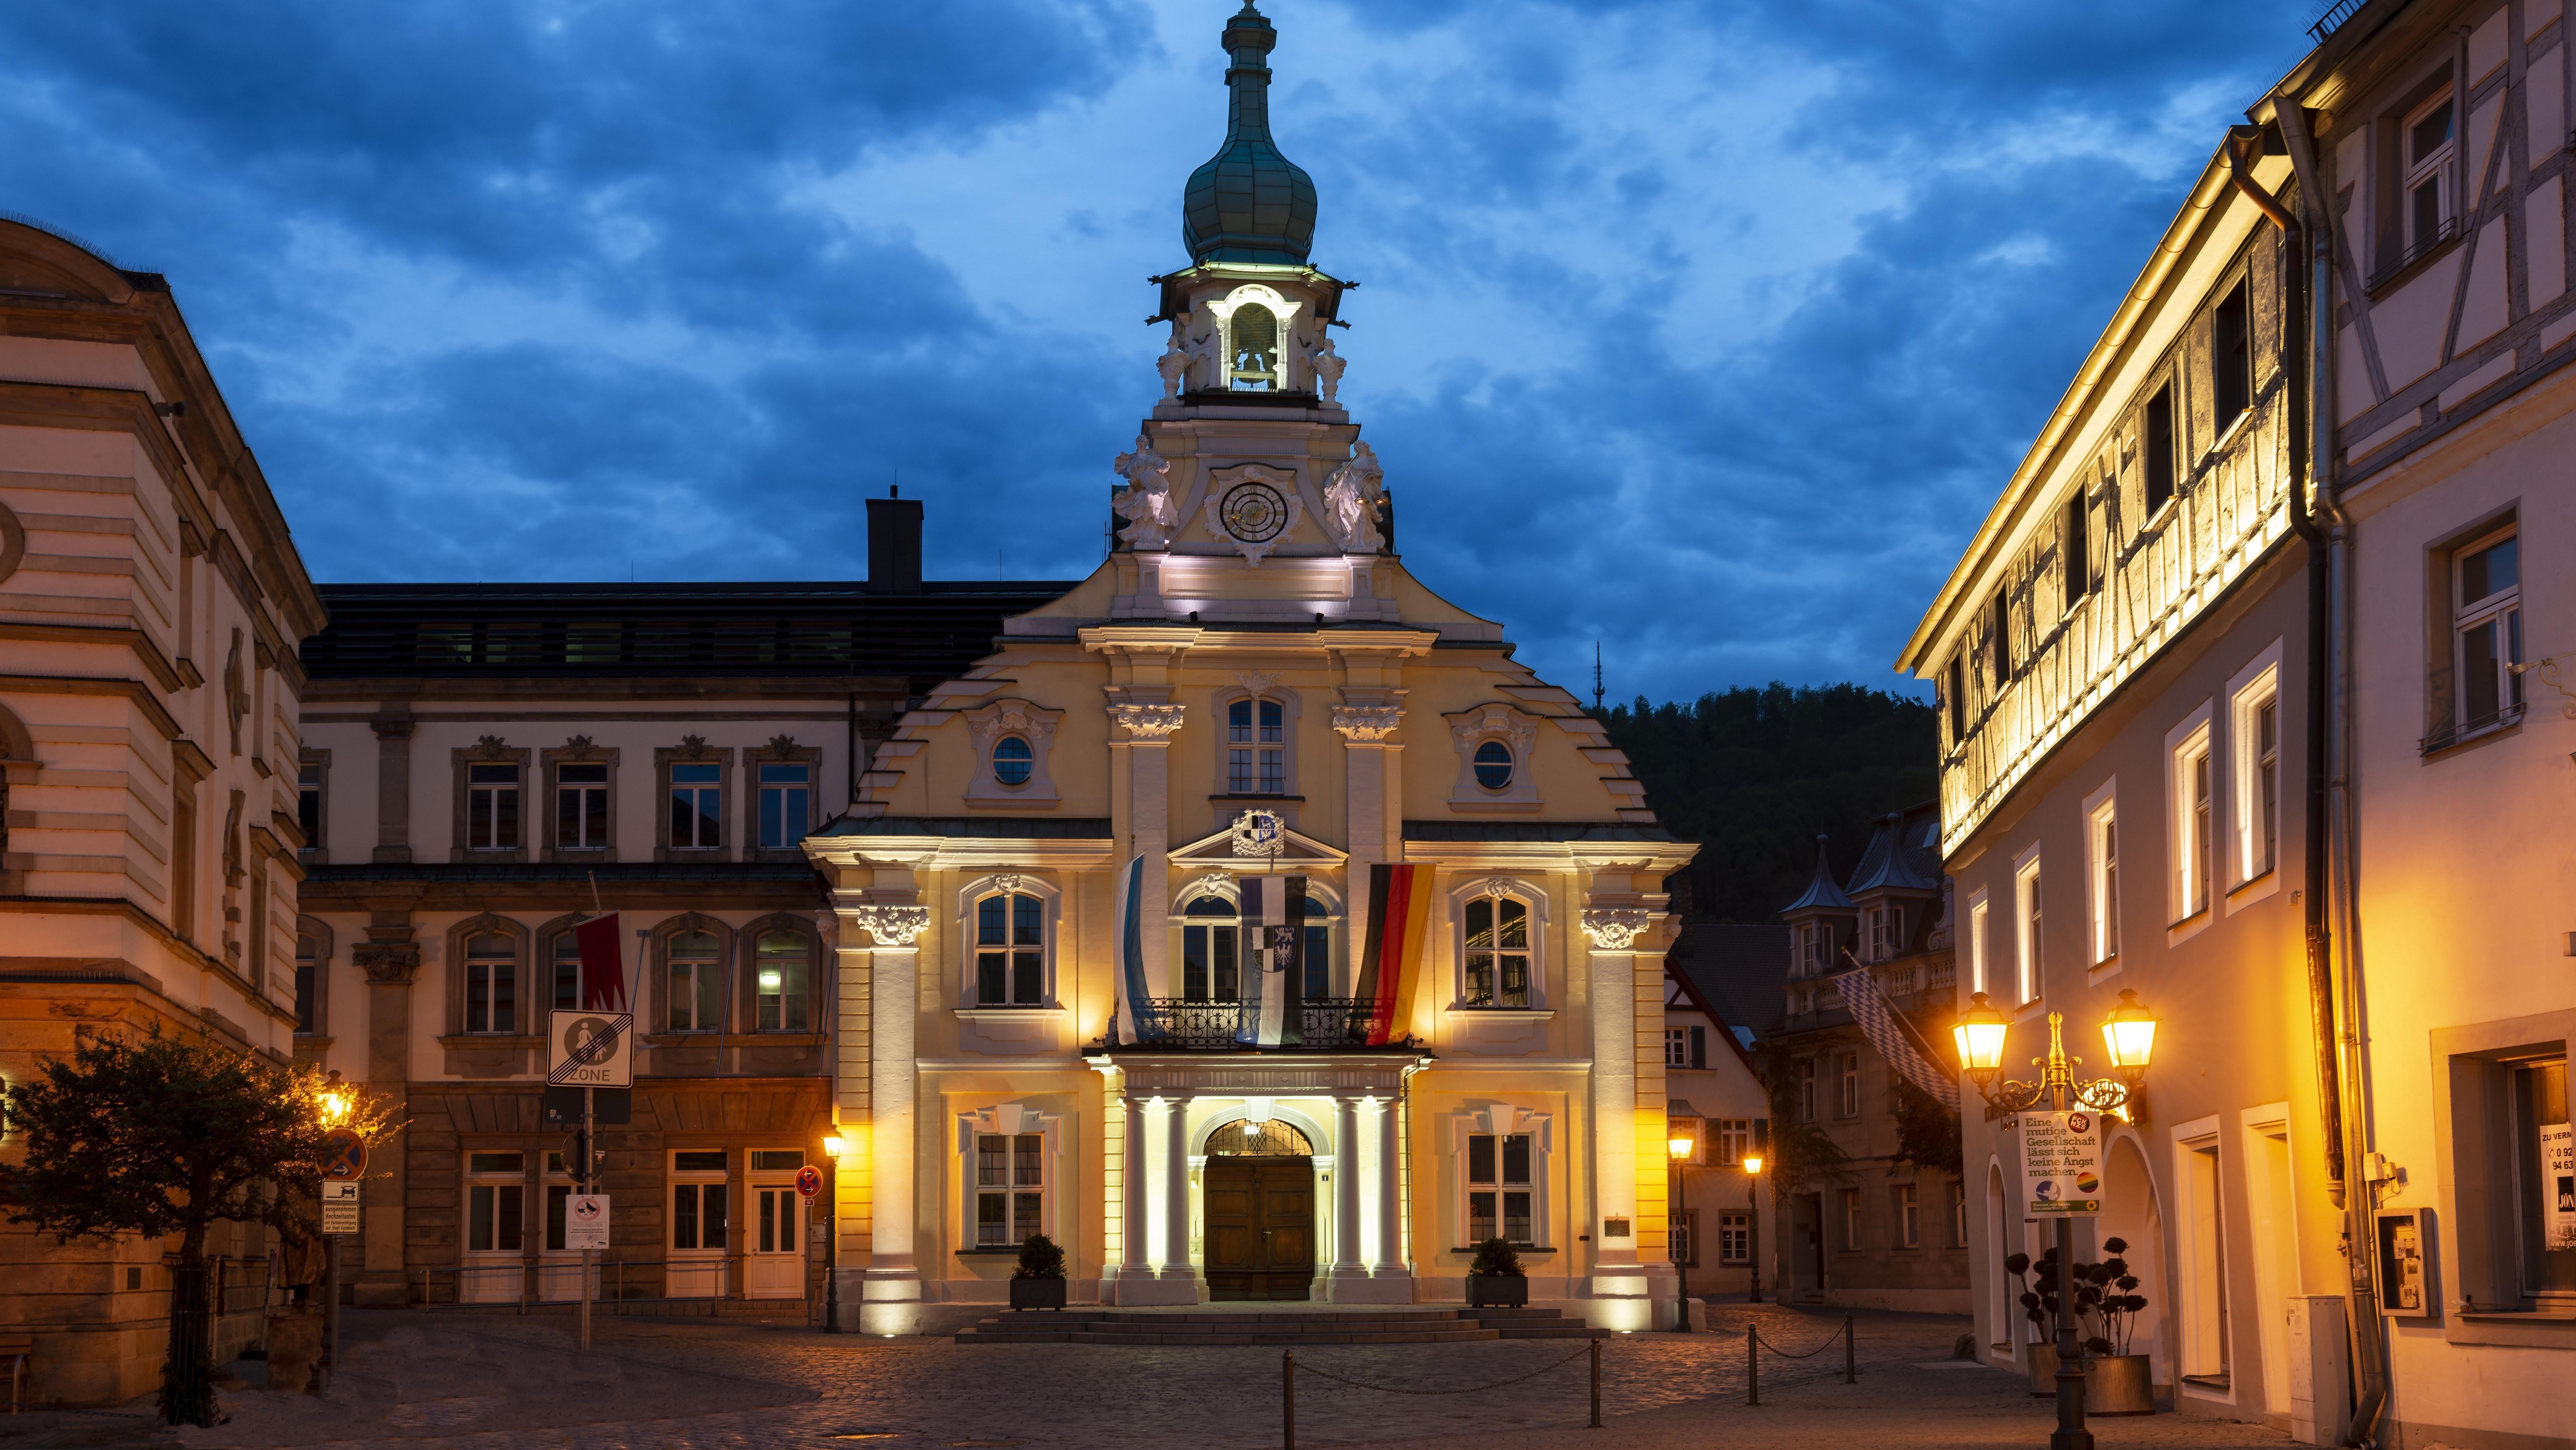 Das Rathaus in Kulmbach.